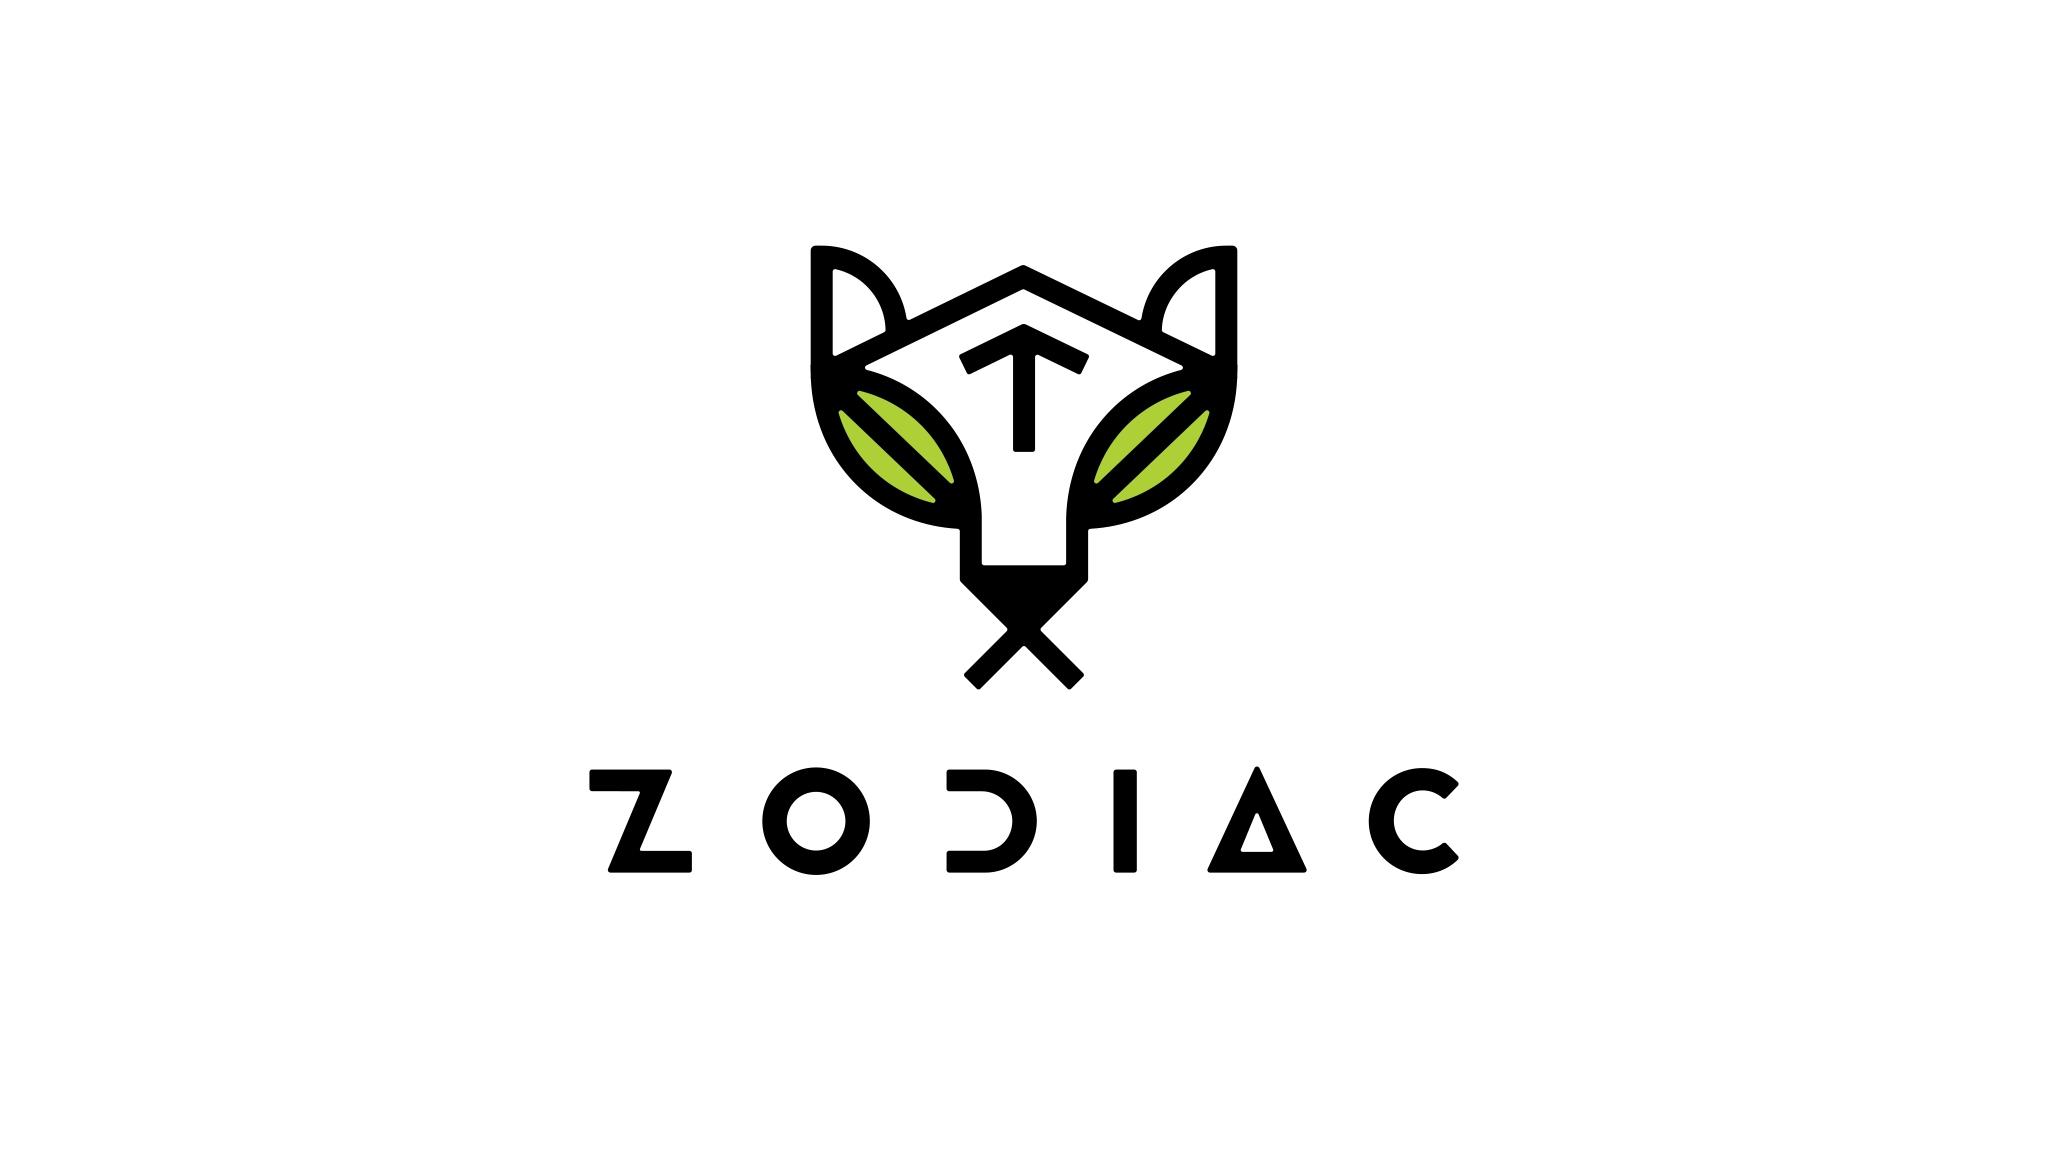 zod8.jpg